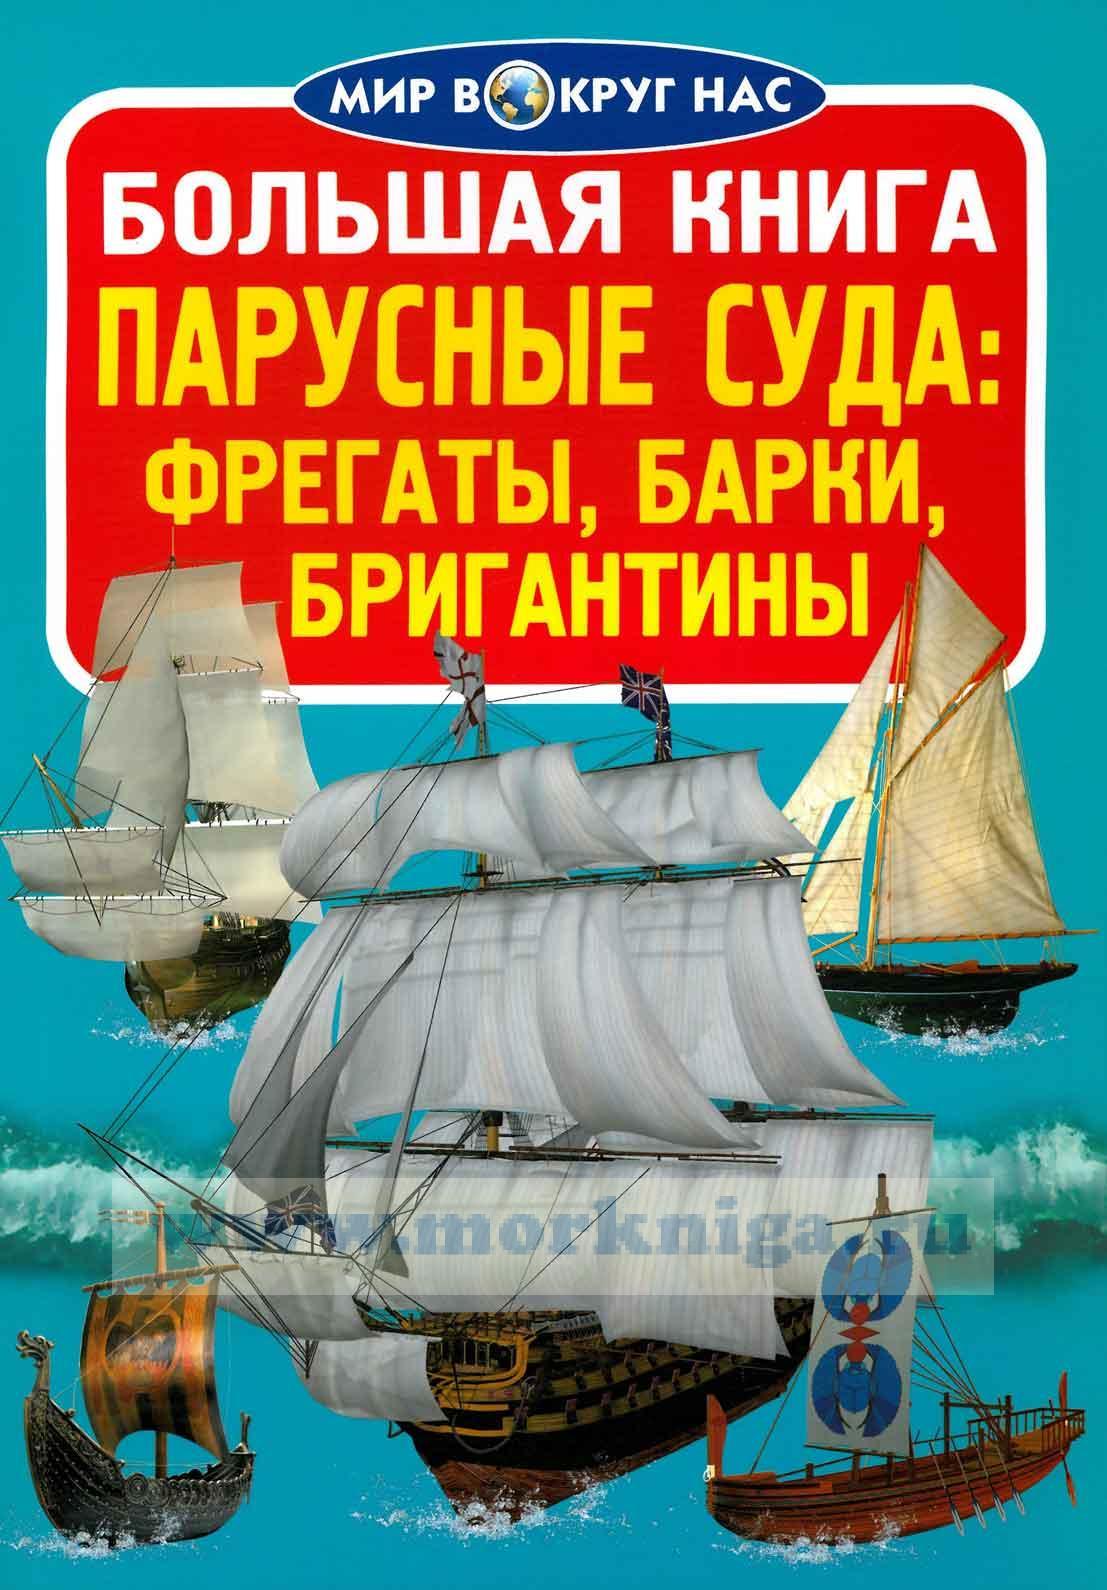 Большая книга. Парусные суда: фрегаты, барки, бригантины (для любознательных взрослых и детей)